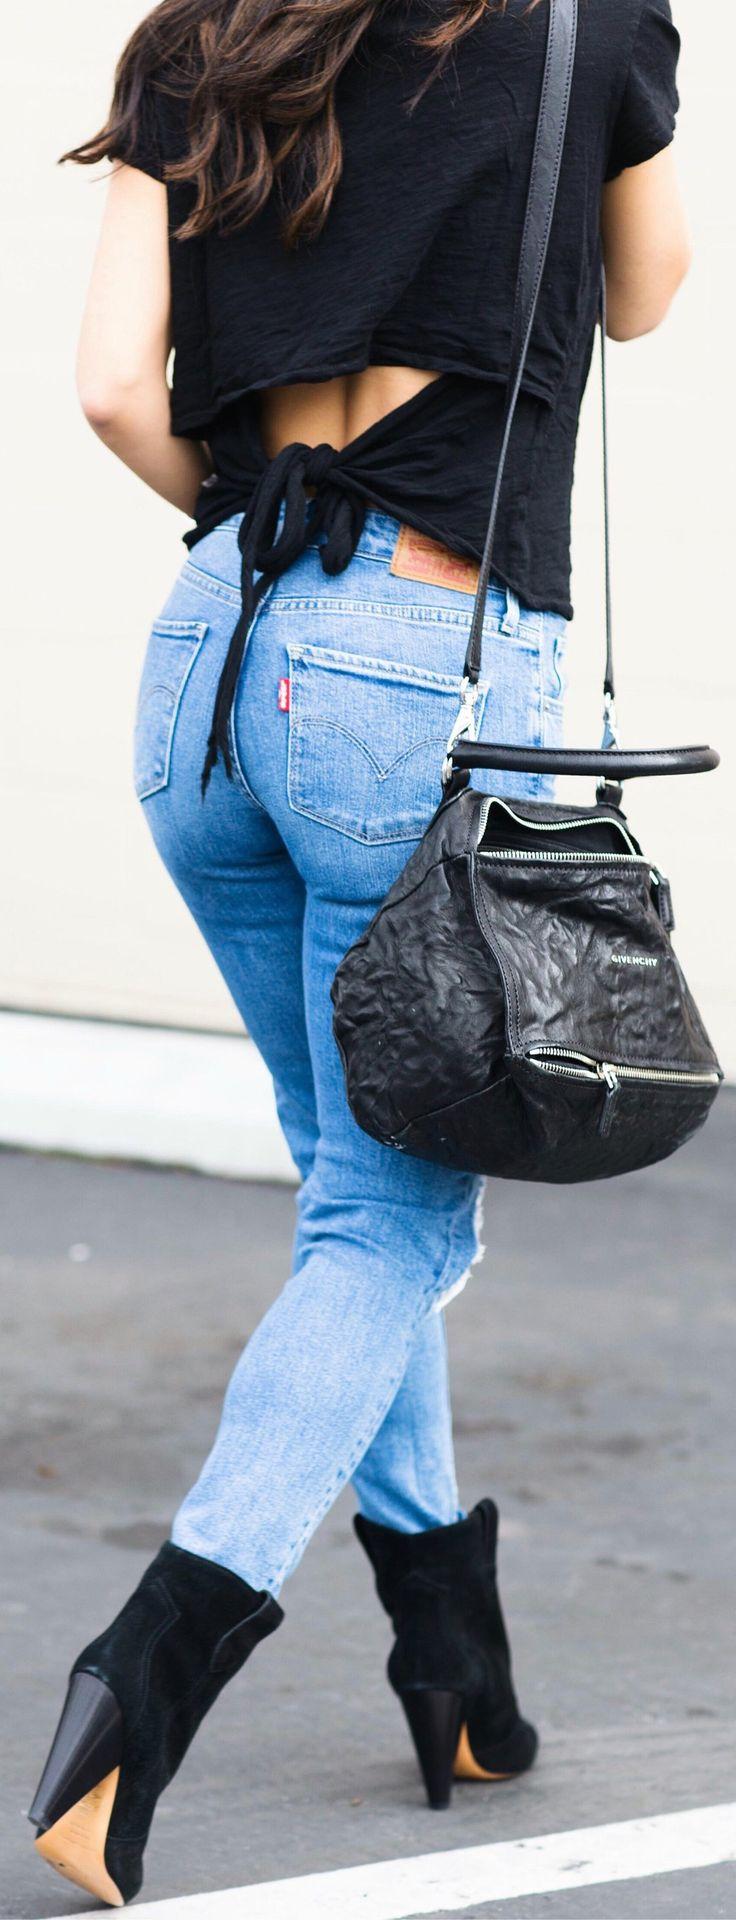 Black Top / Skinny Ripped Denim / Black Shoulder Bag / Black Suede Booties